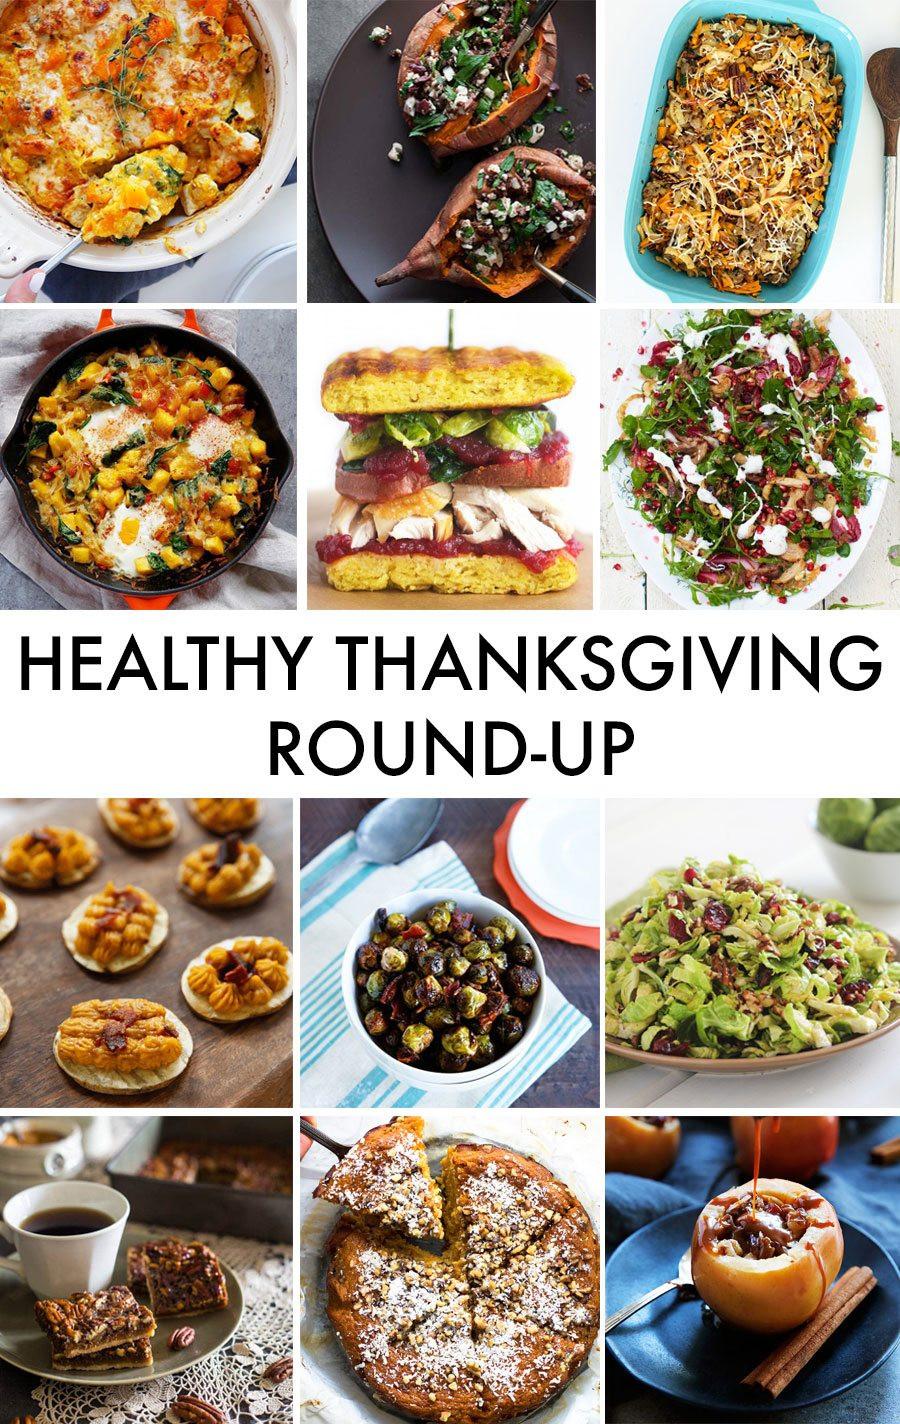 Healthy Thanksgiving Menu  Healthy Thanksgiving Recipes Archives Lexi s Clean Kitchen